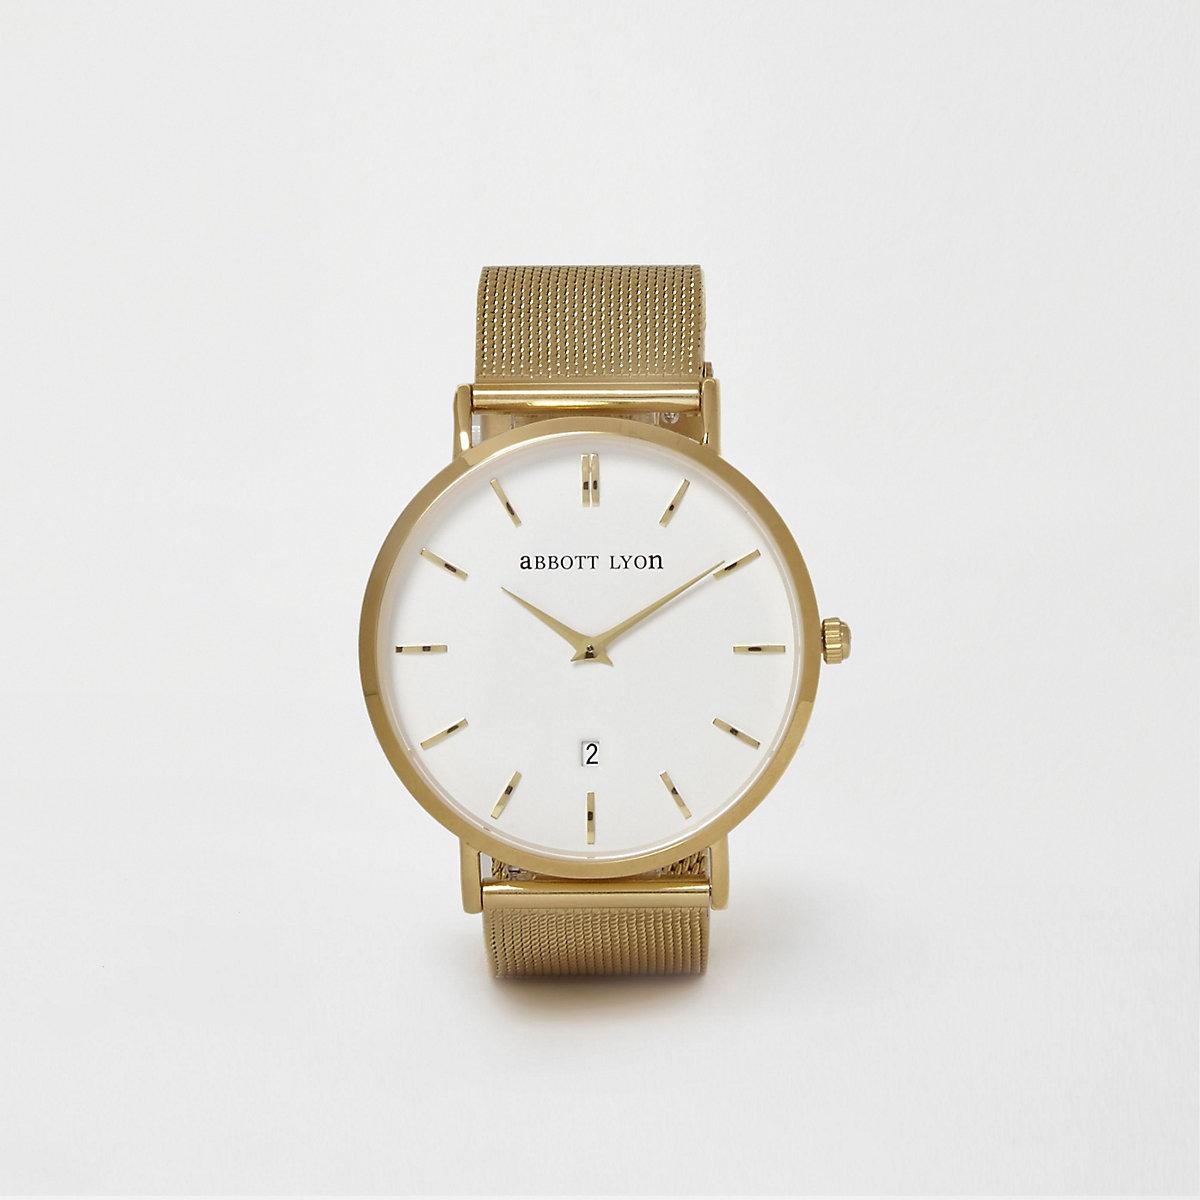 Abbott Lyon – Montre en maille plaquée or